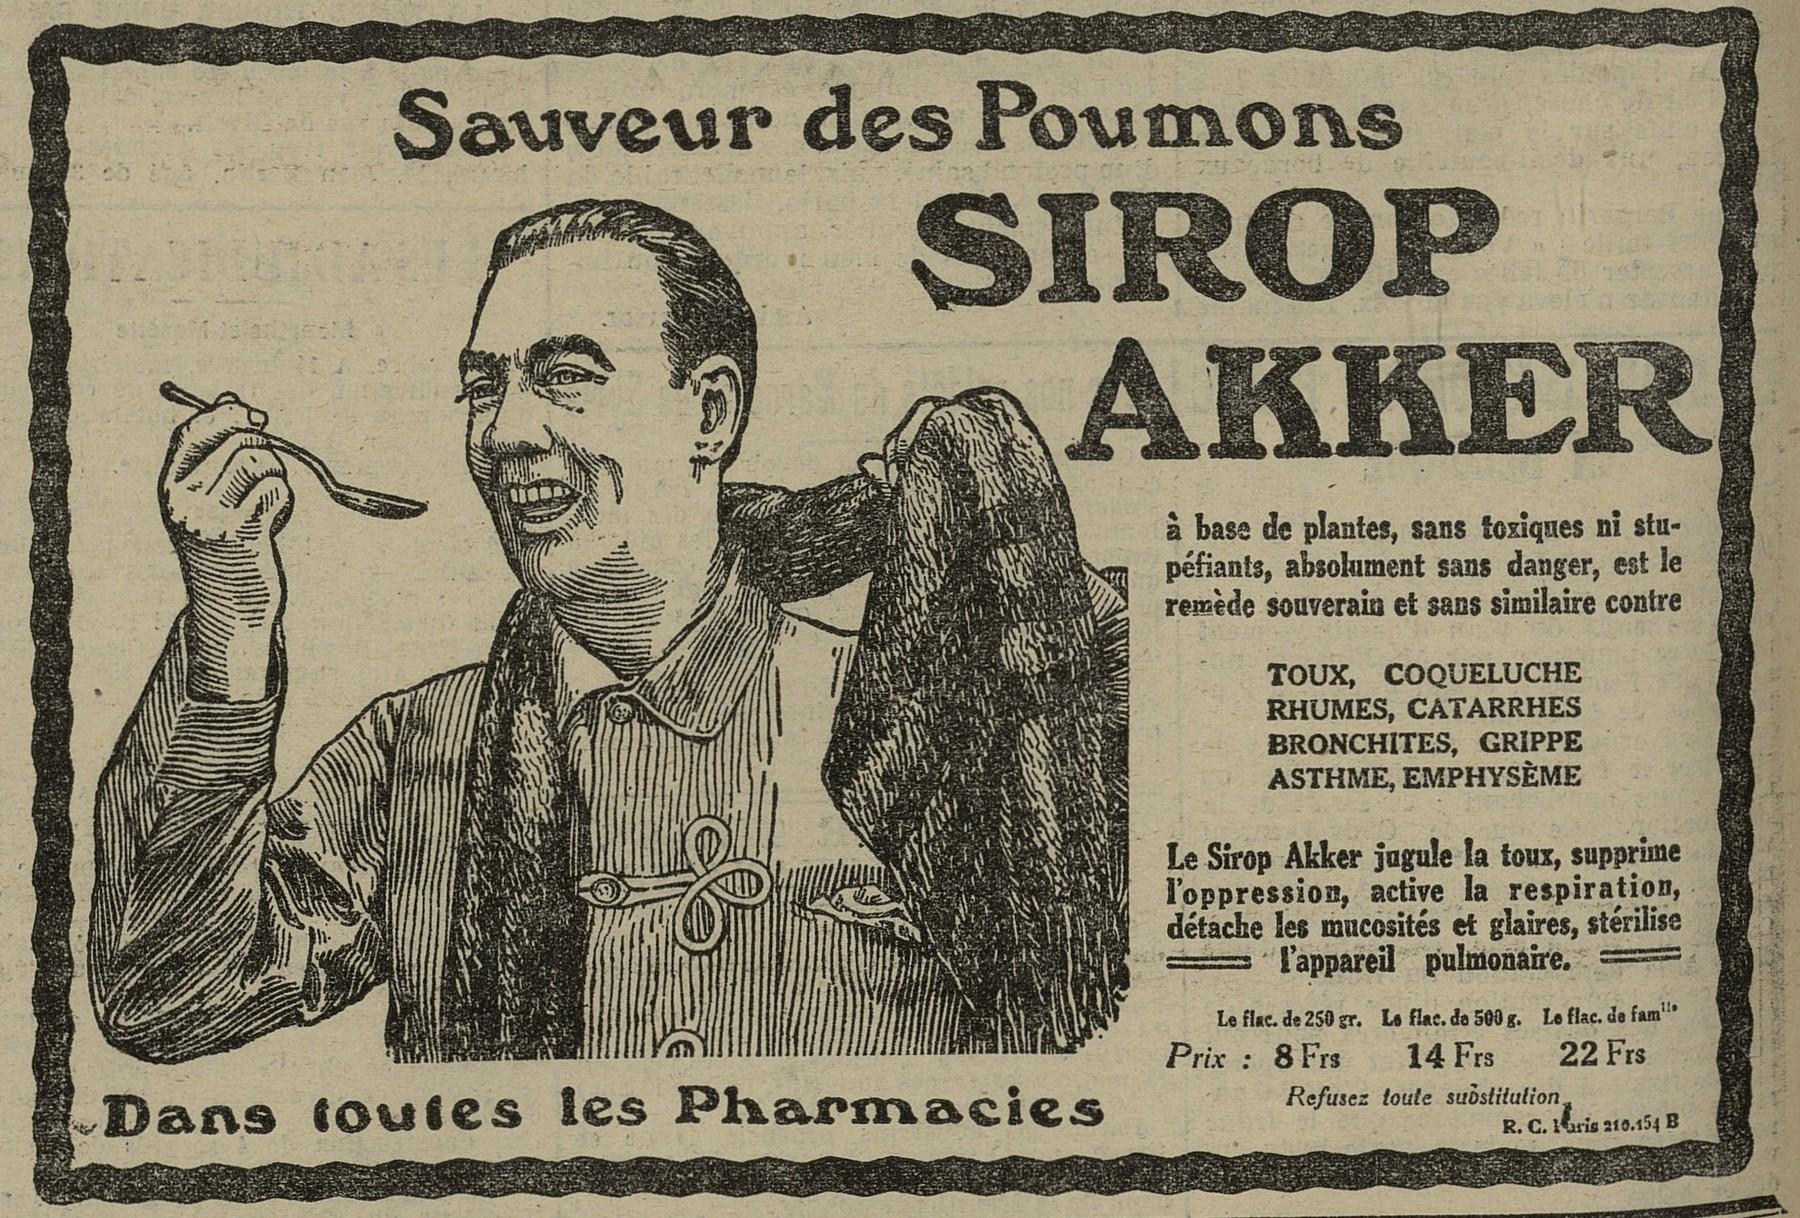 Contenu du Sirop Akker